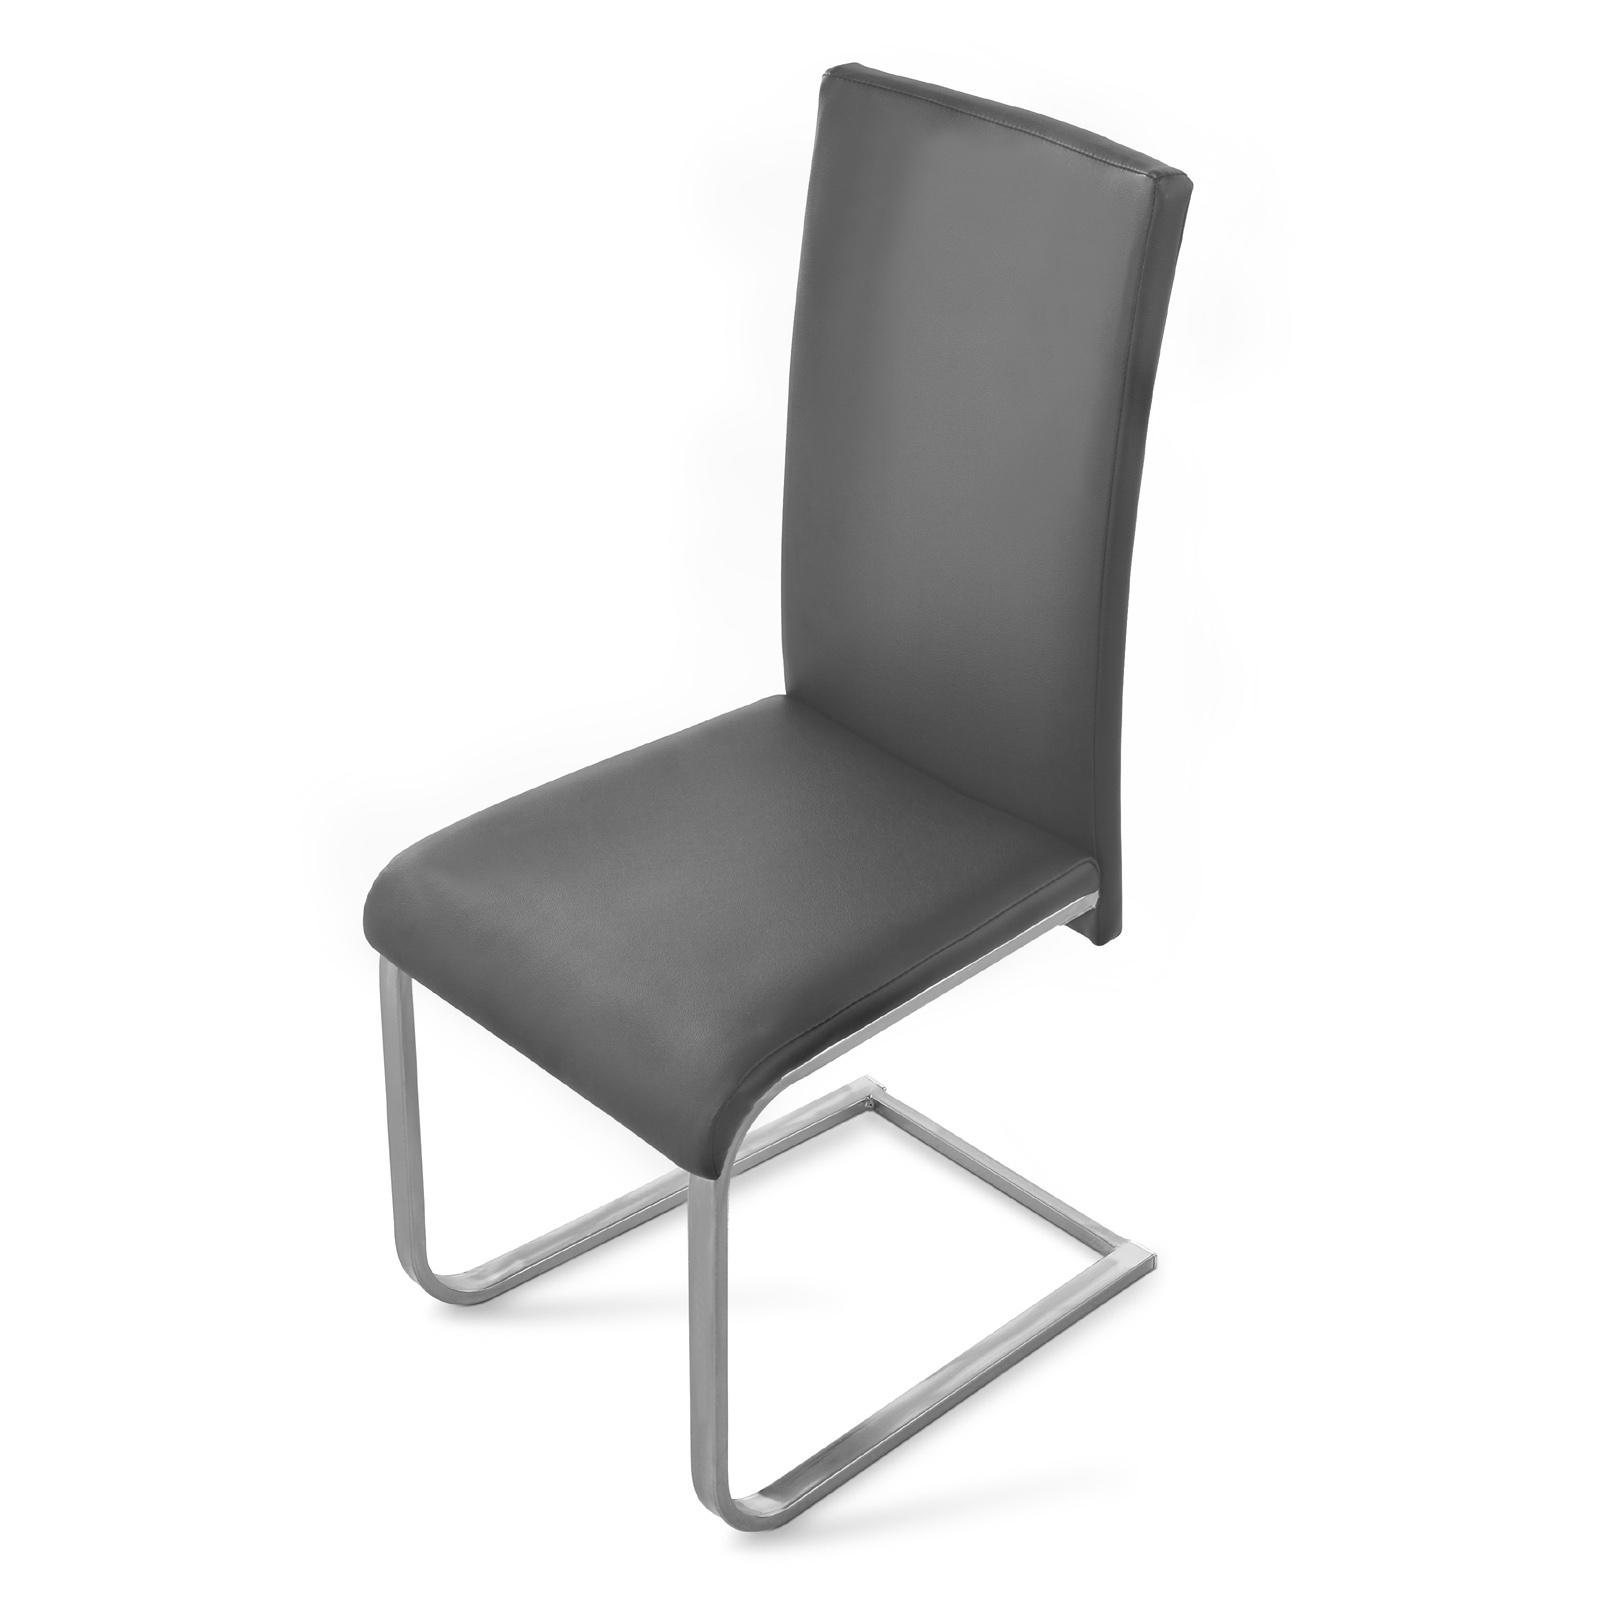 polster stuhle esszimmer die neueste innovation der innenarchitektur und m bel. Black Bedroom Furniture Sets. Home Design Ideas